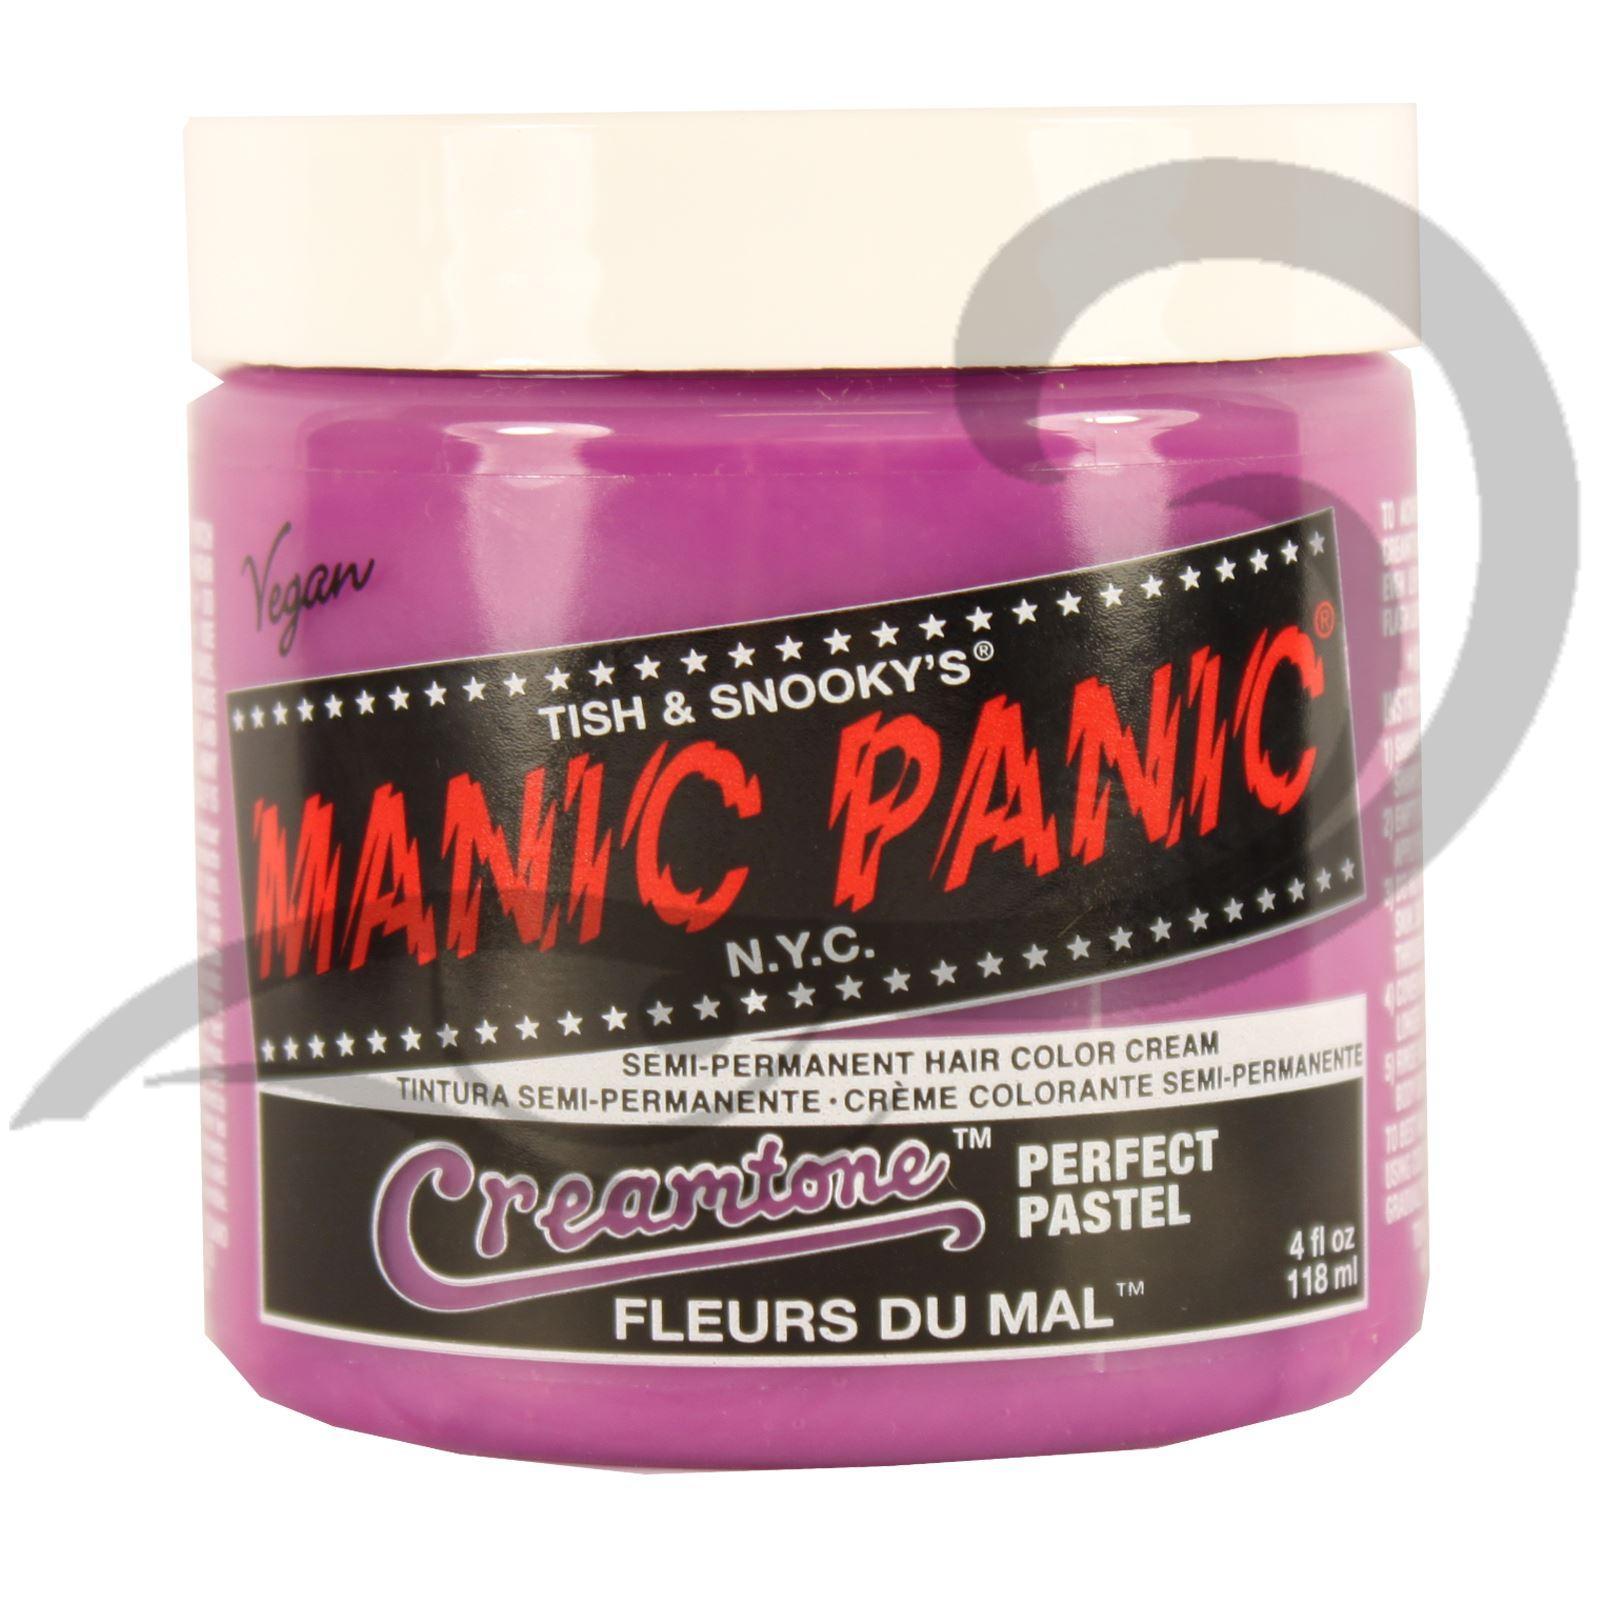 Manic-Panic-creamtone-semi-permanente-tintura-per-capelli-perfetto-COLORI-PASTELLO-CREMA